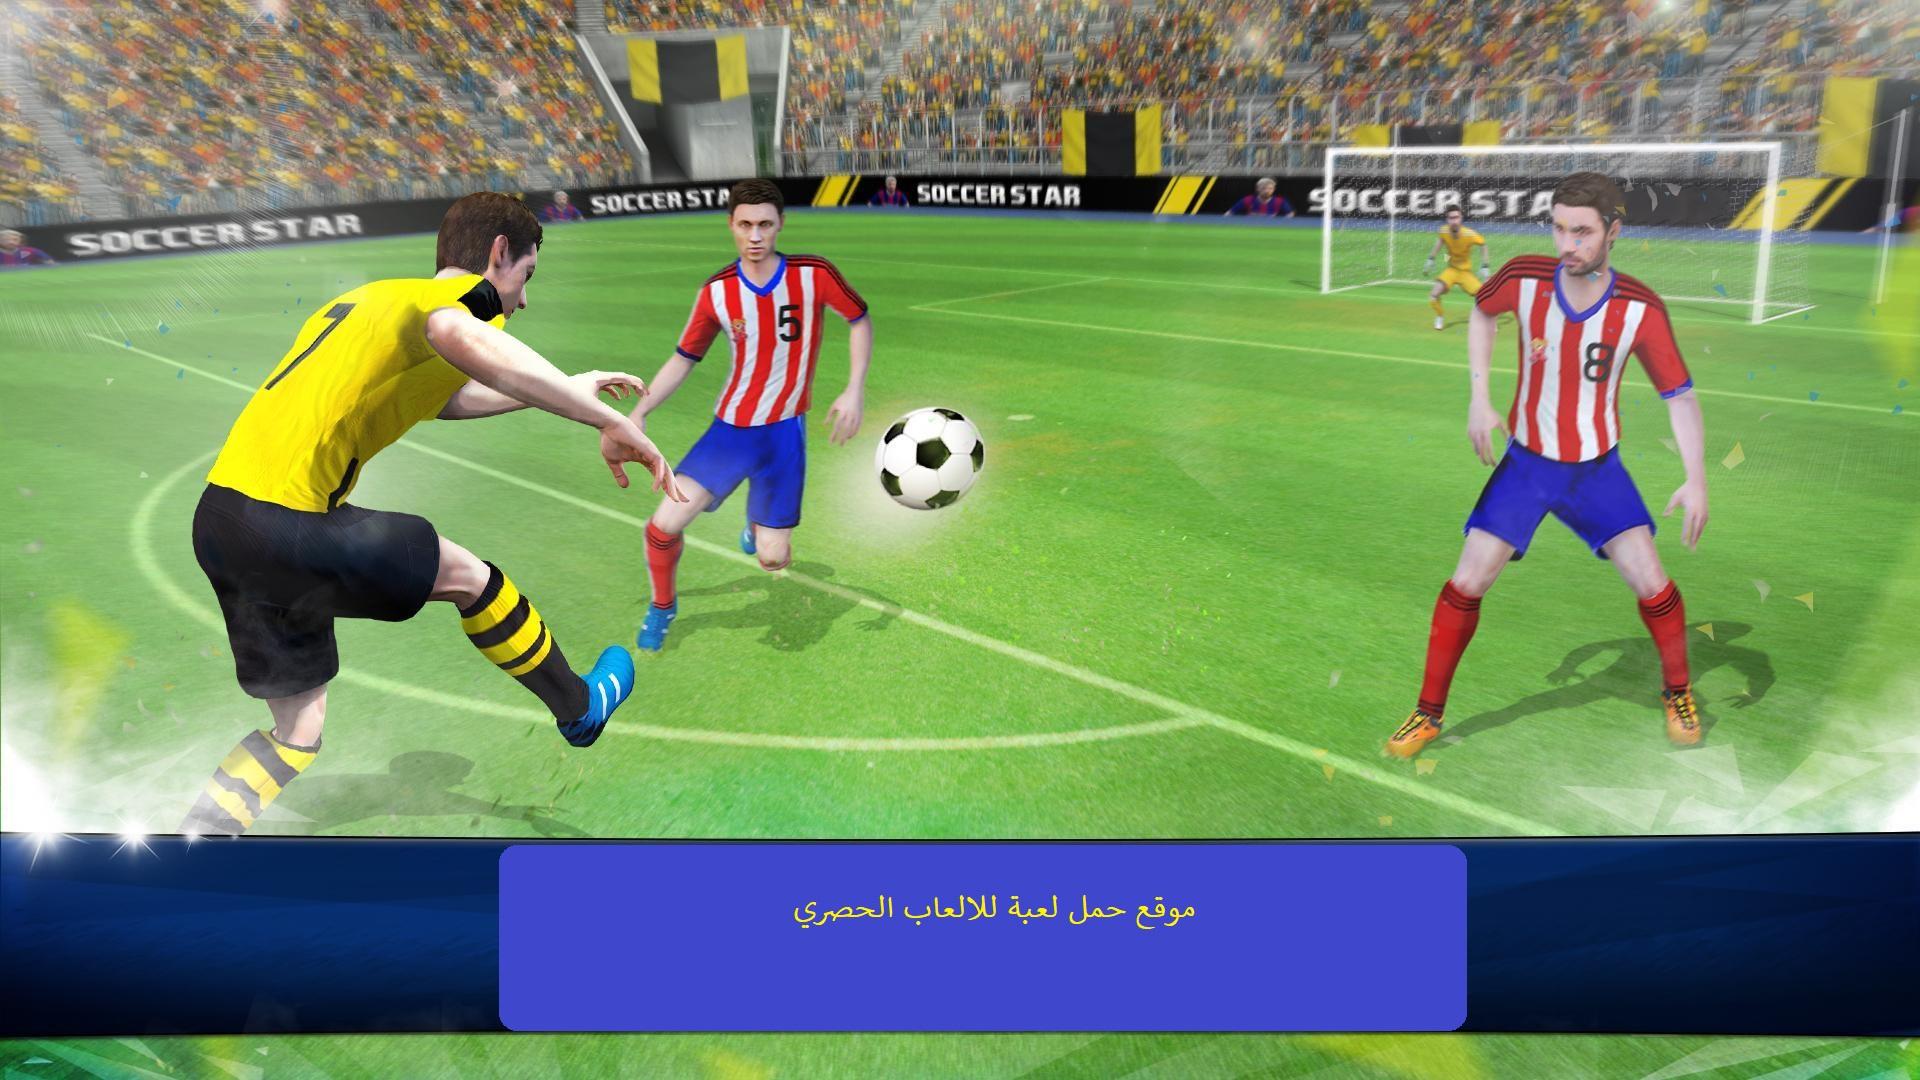 تحميل لعبة نجوم كرة القدم للكمبيوتر